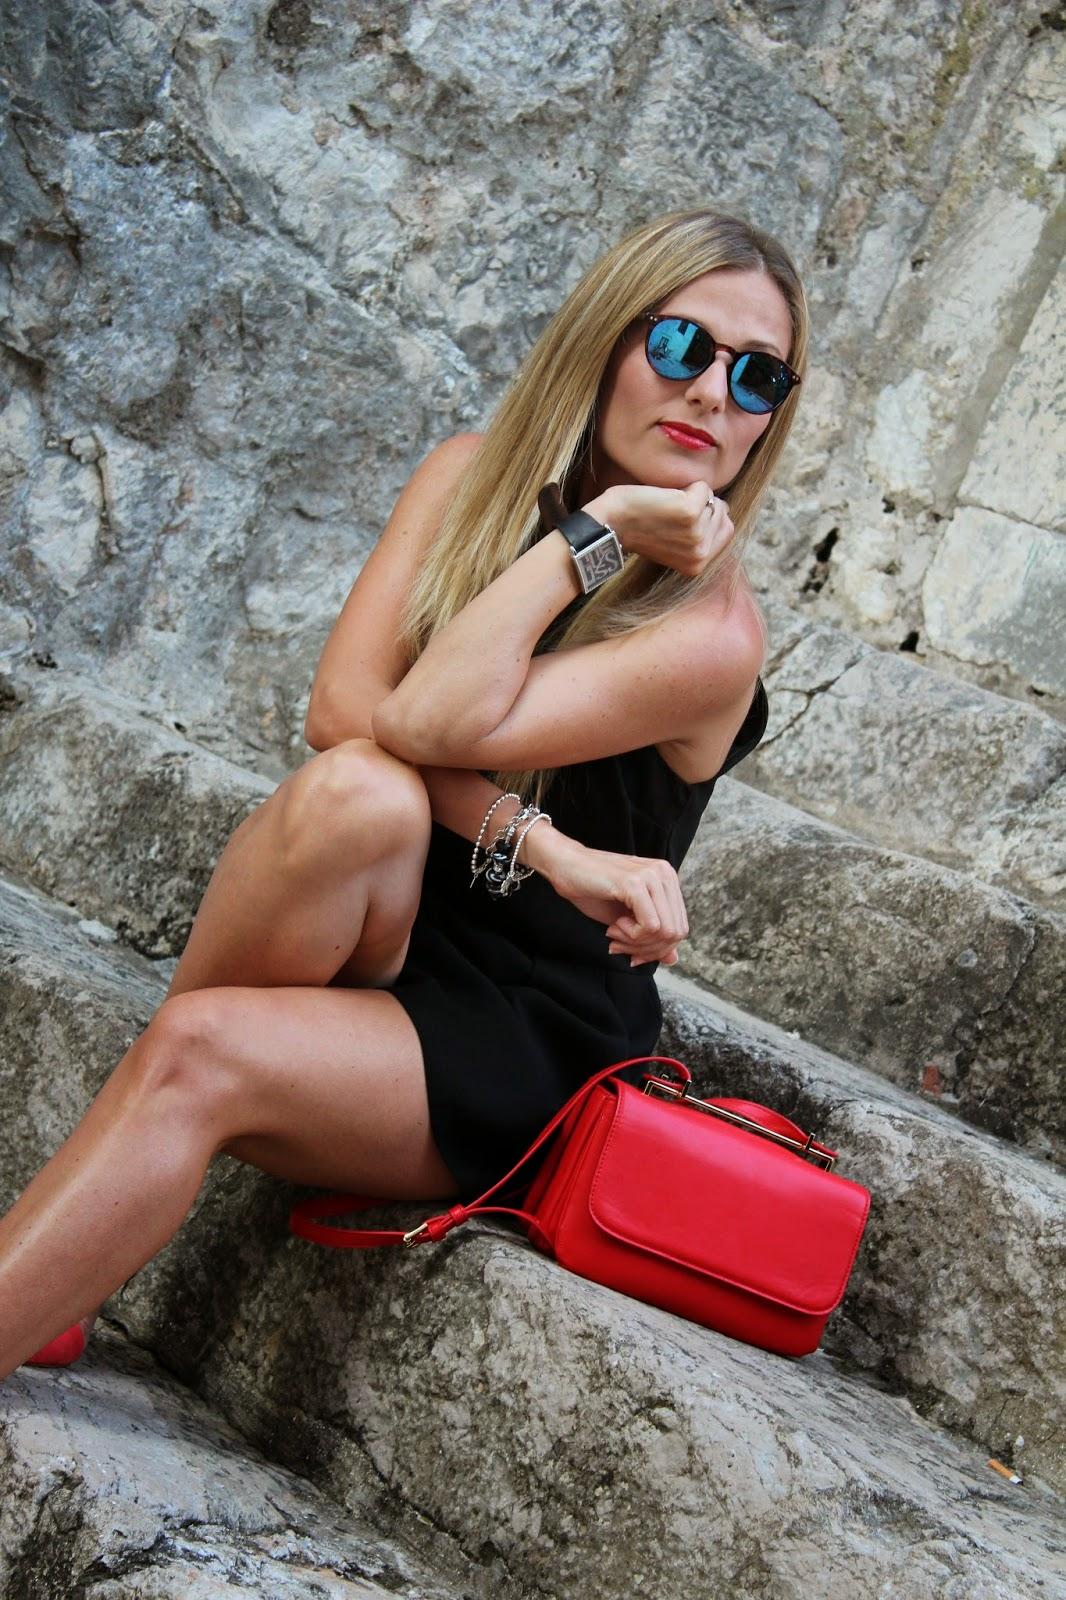 Eniwhere Fashion - Joenia - Dubrovnik